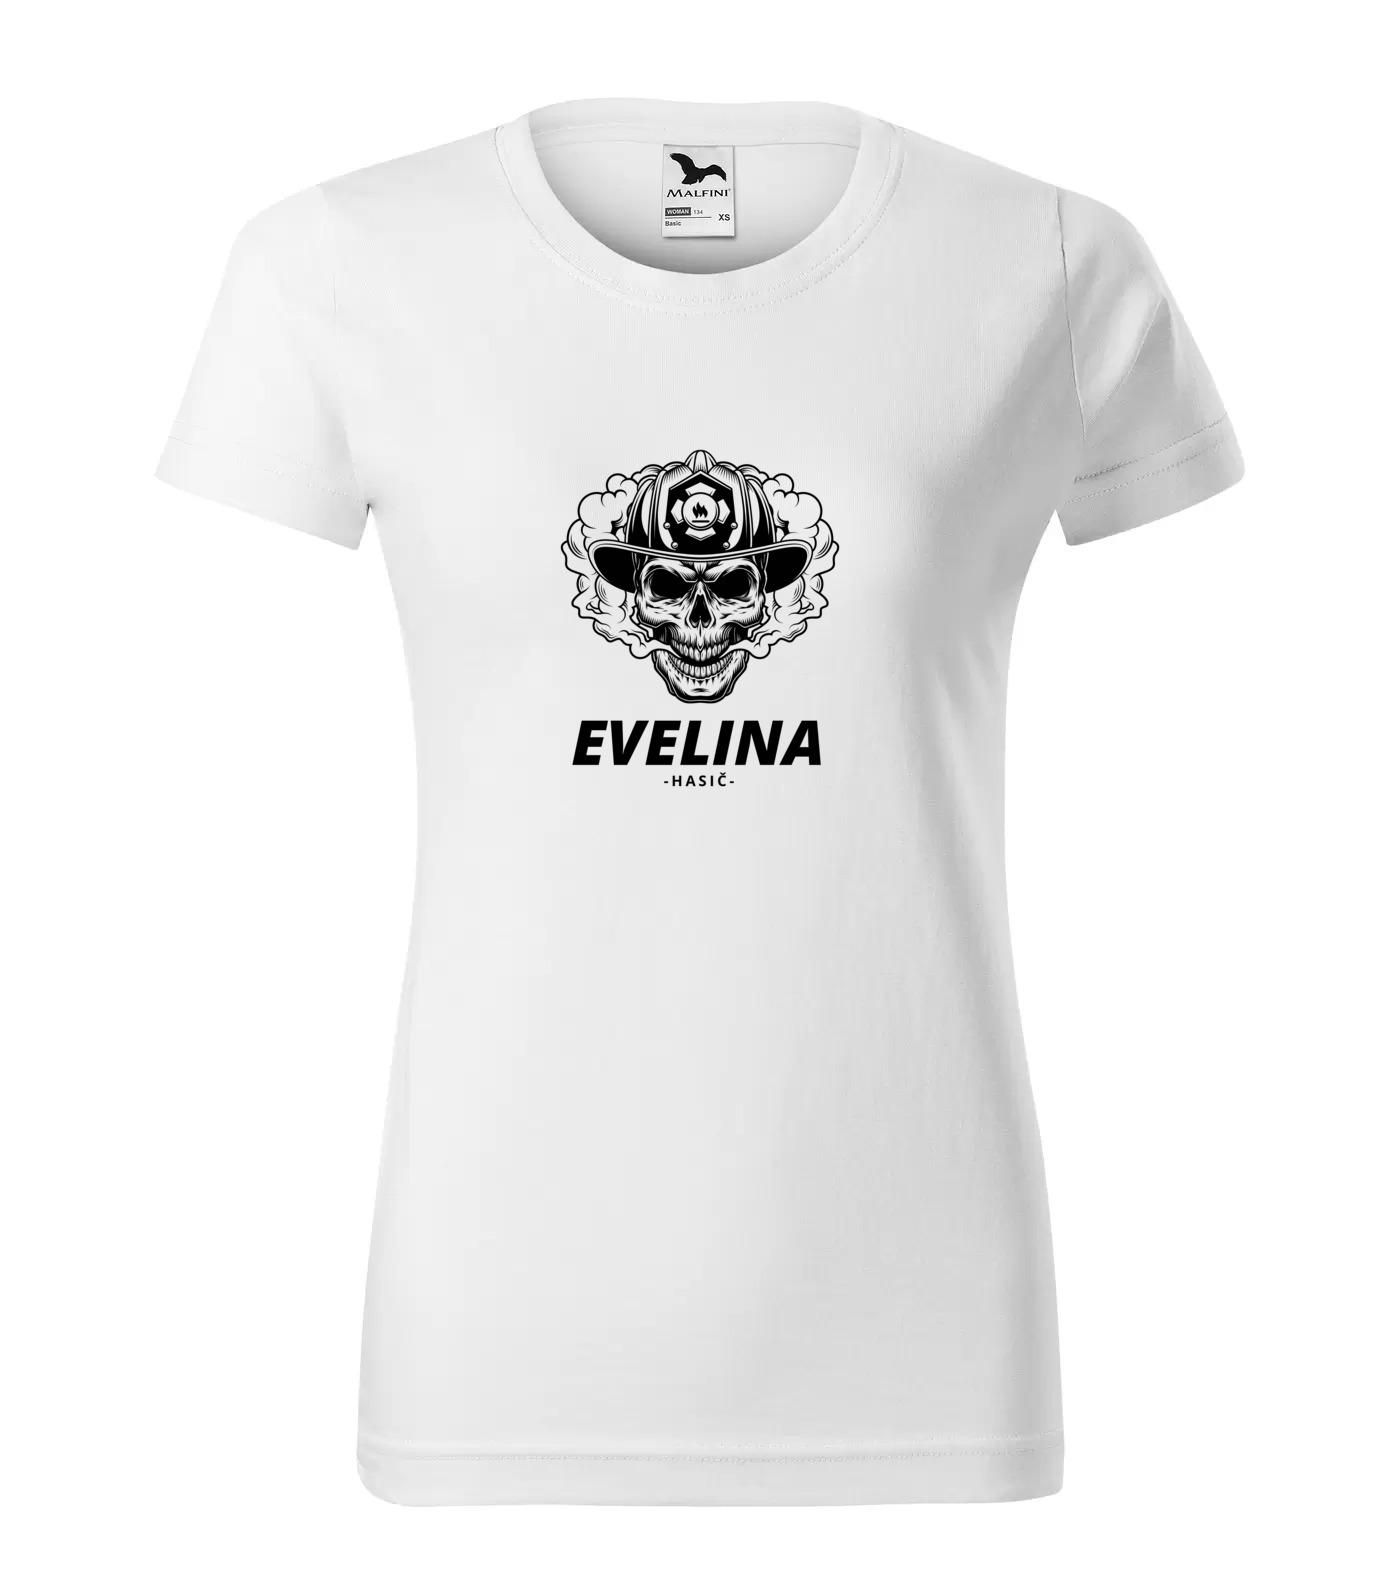 Tričko Hasič Evelina